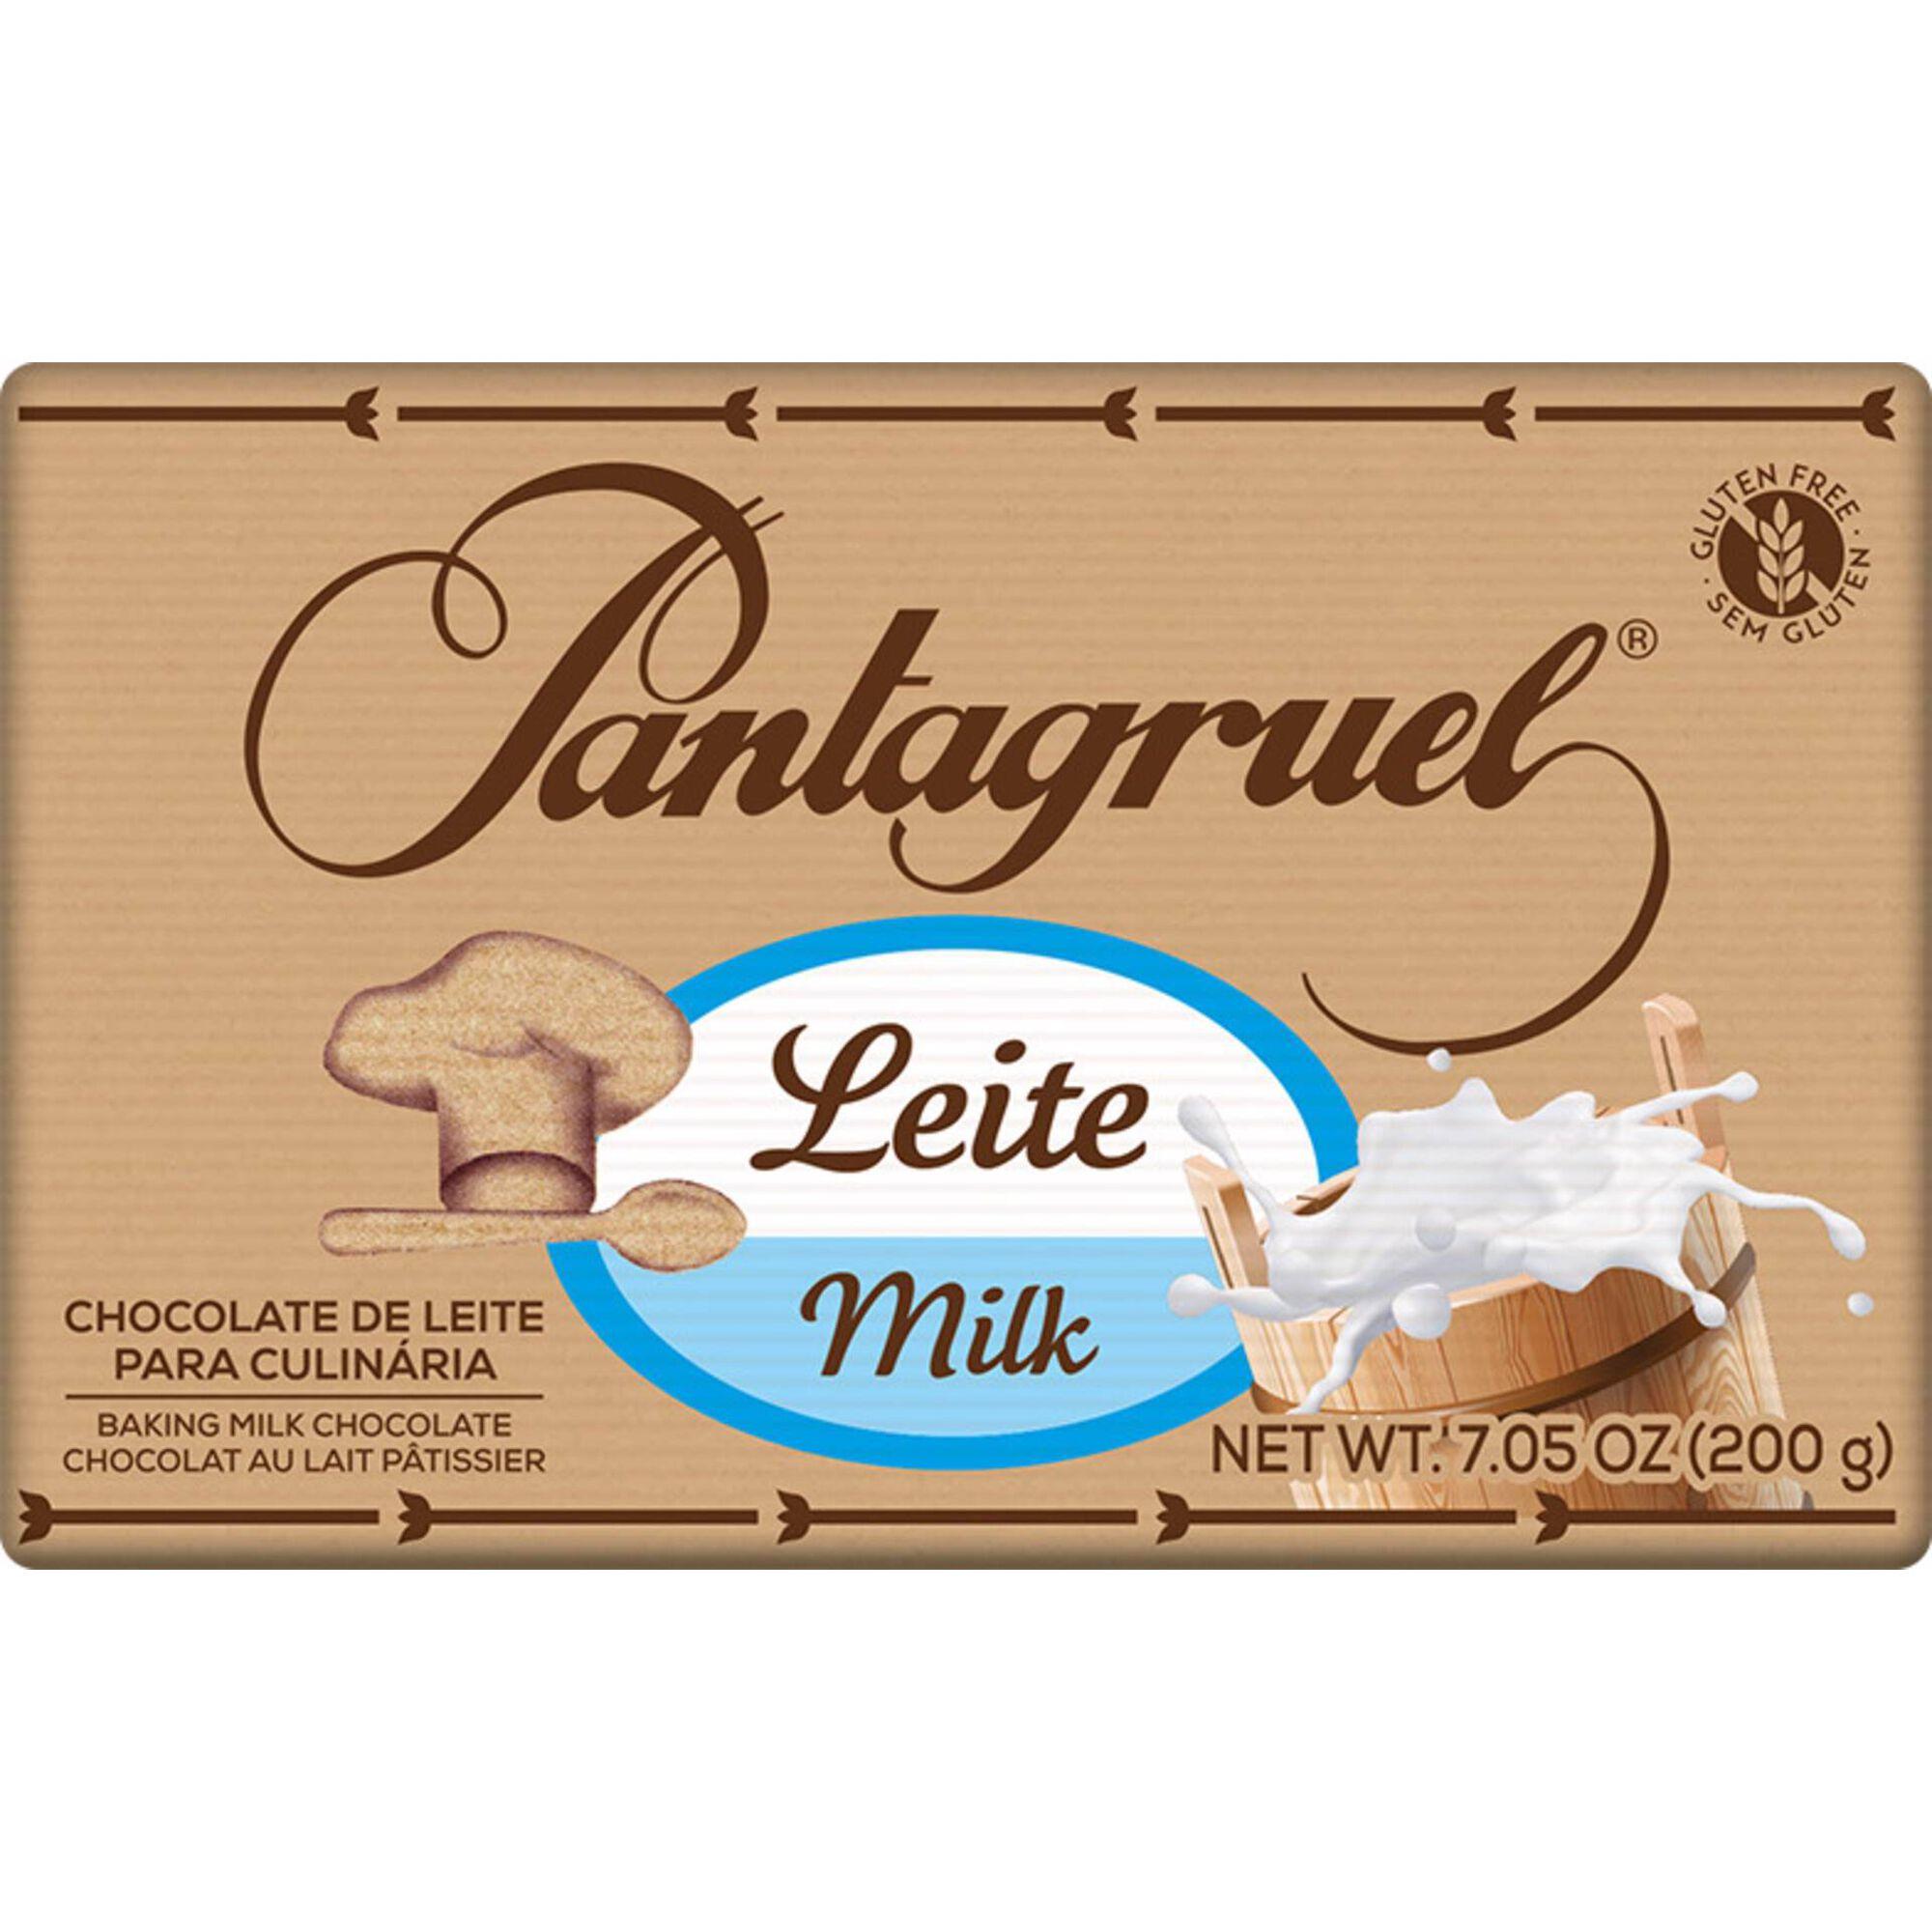 Tablete de Chocolate de Leite Culinária sem Glúten